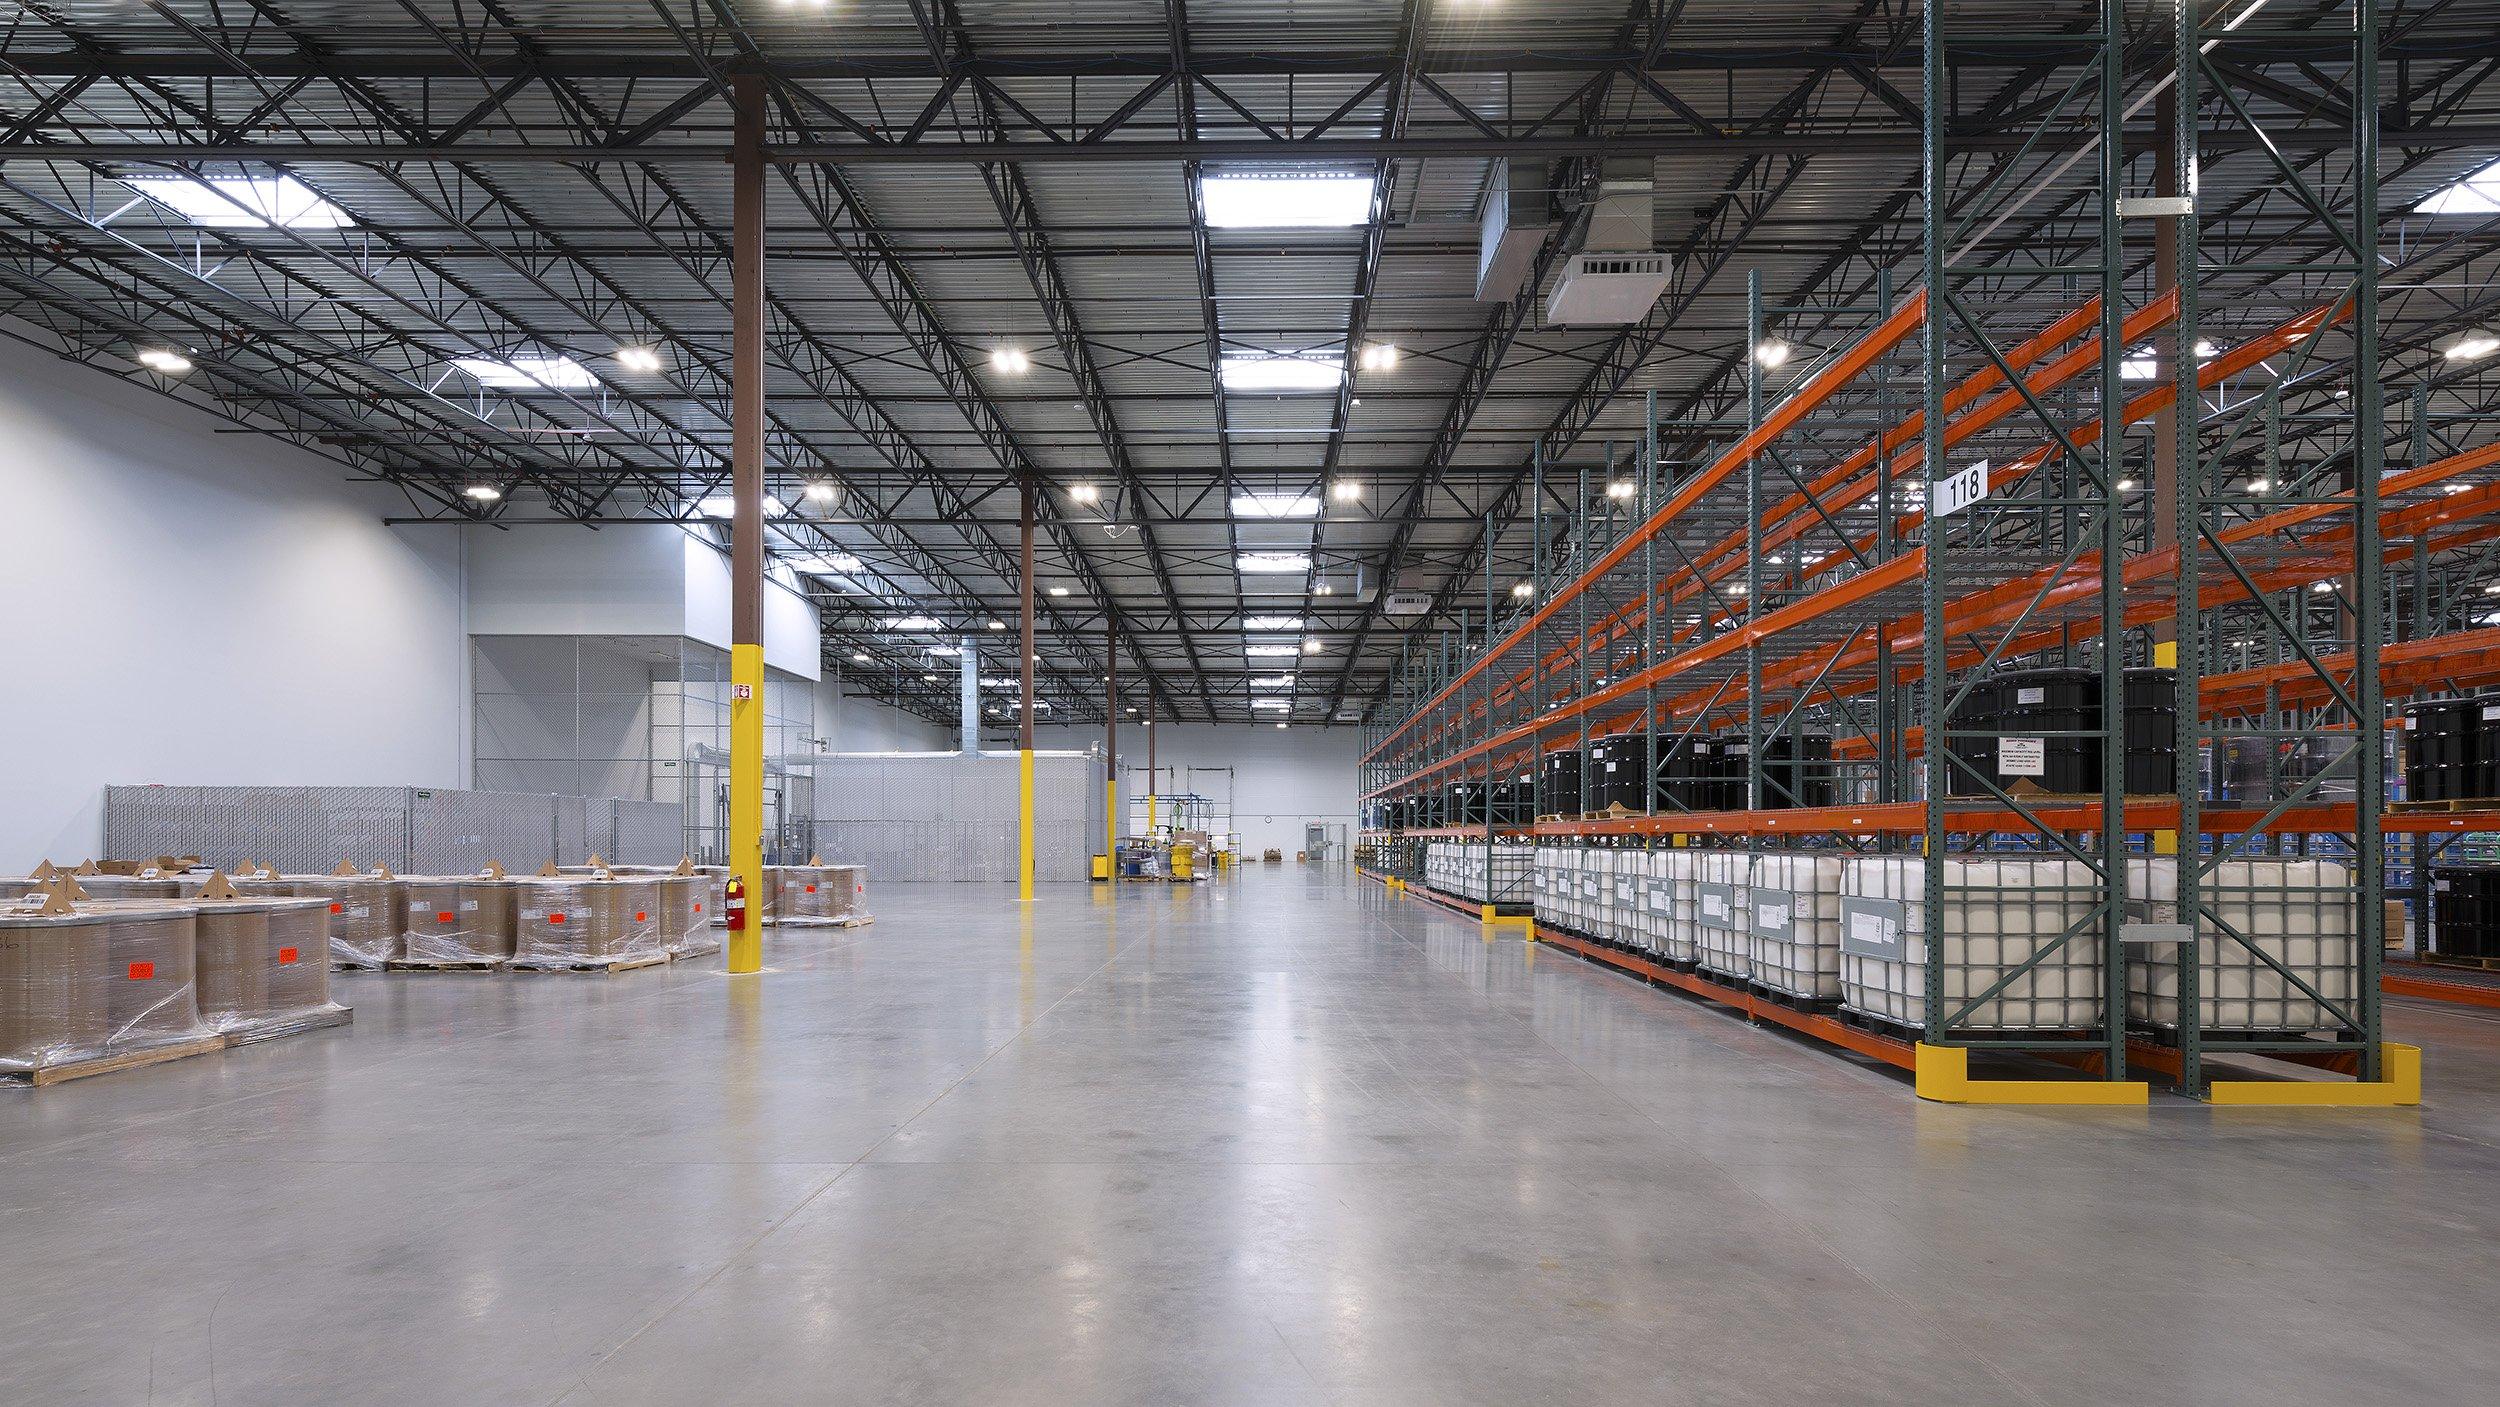 6 Ellsworth warehouse_DSC8230